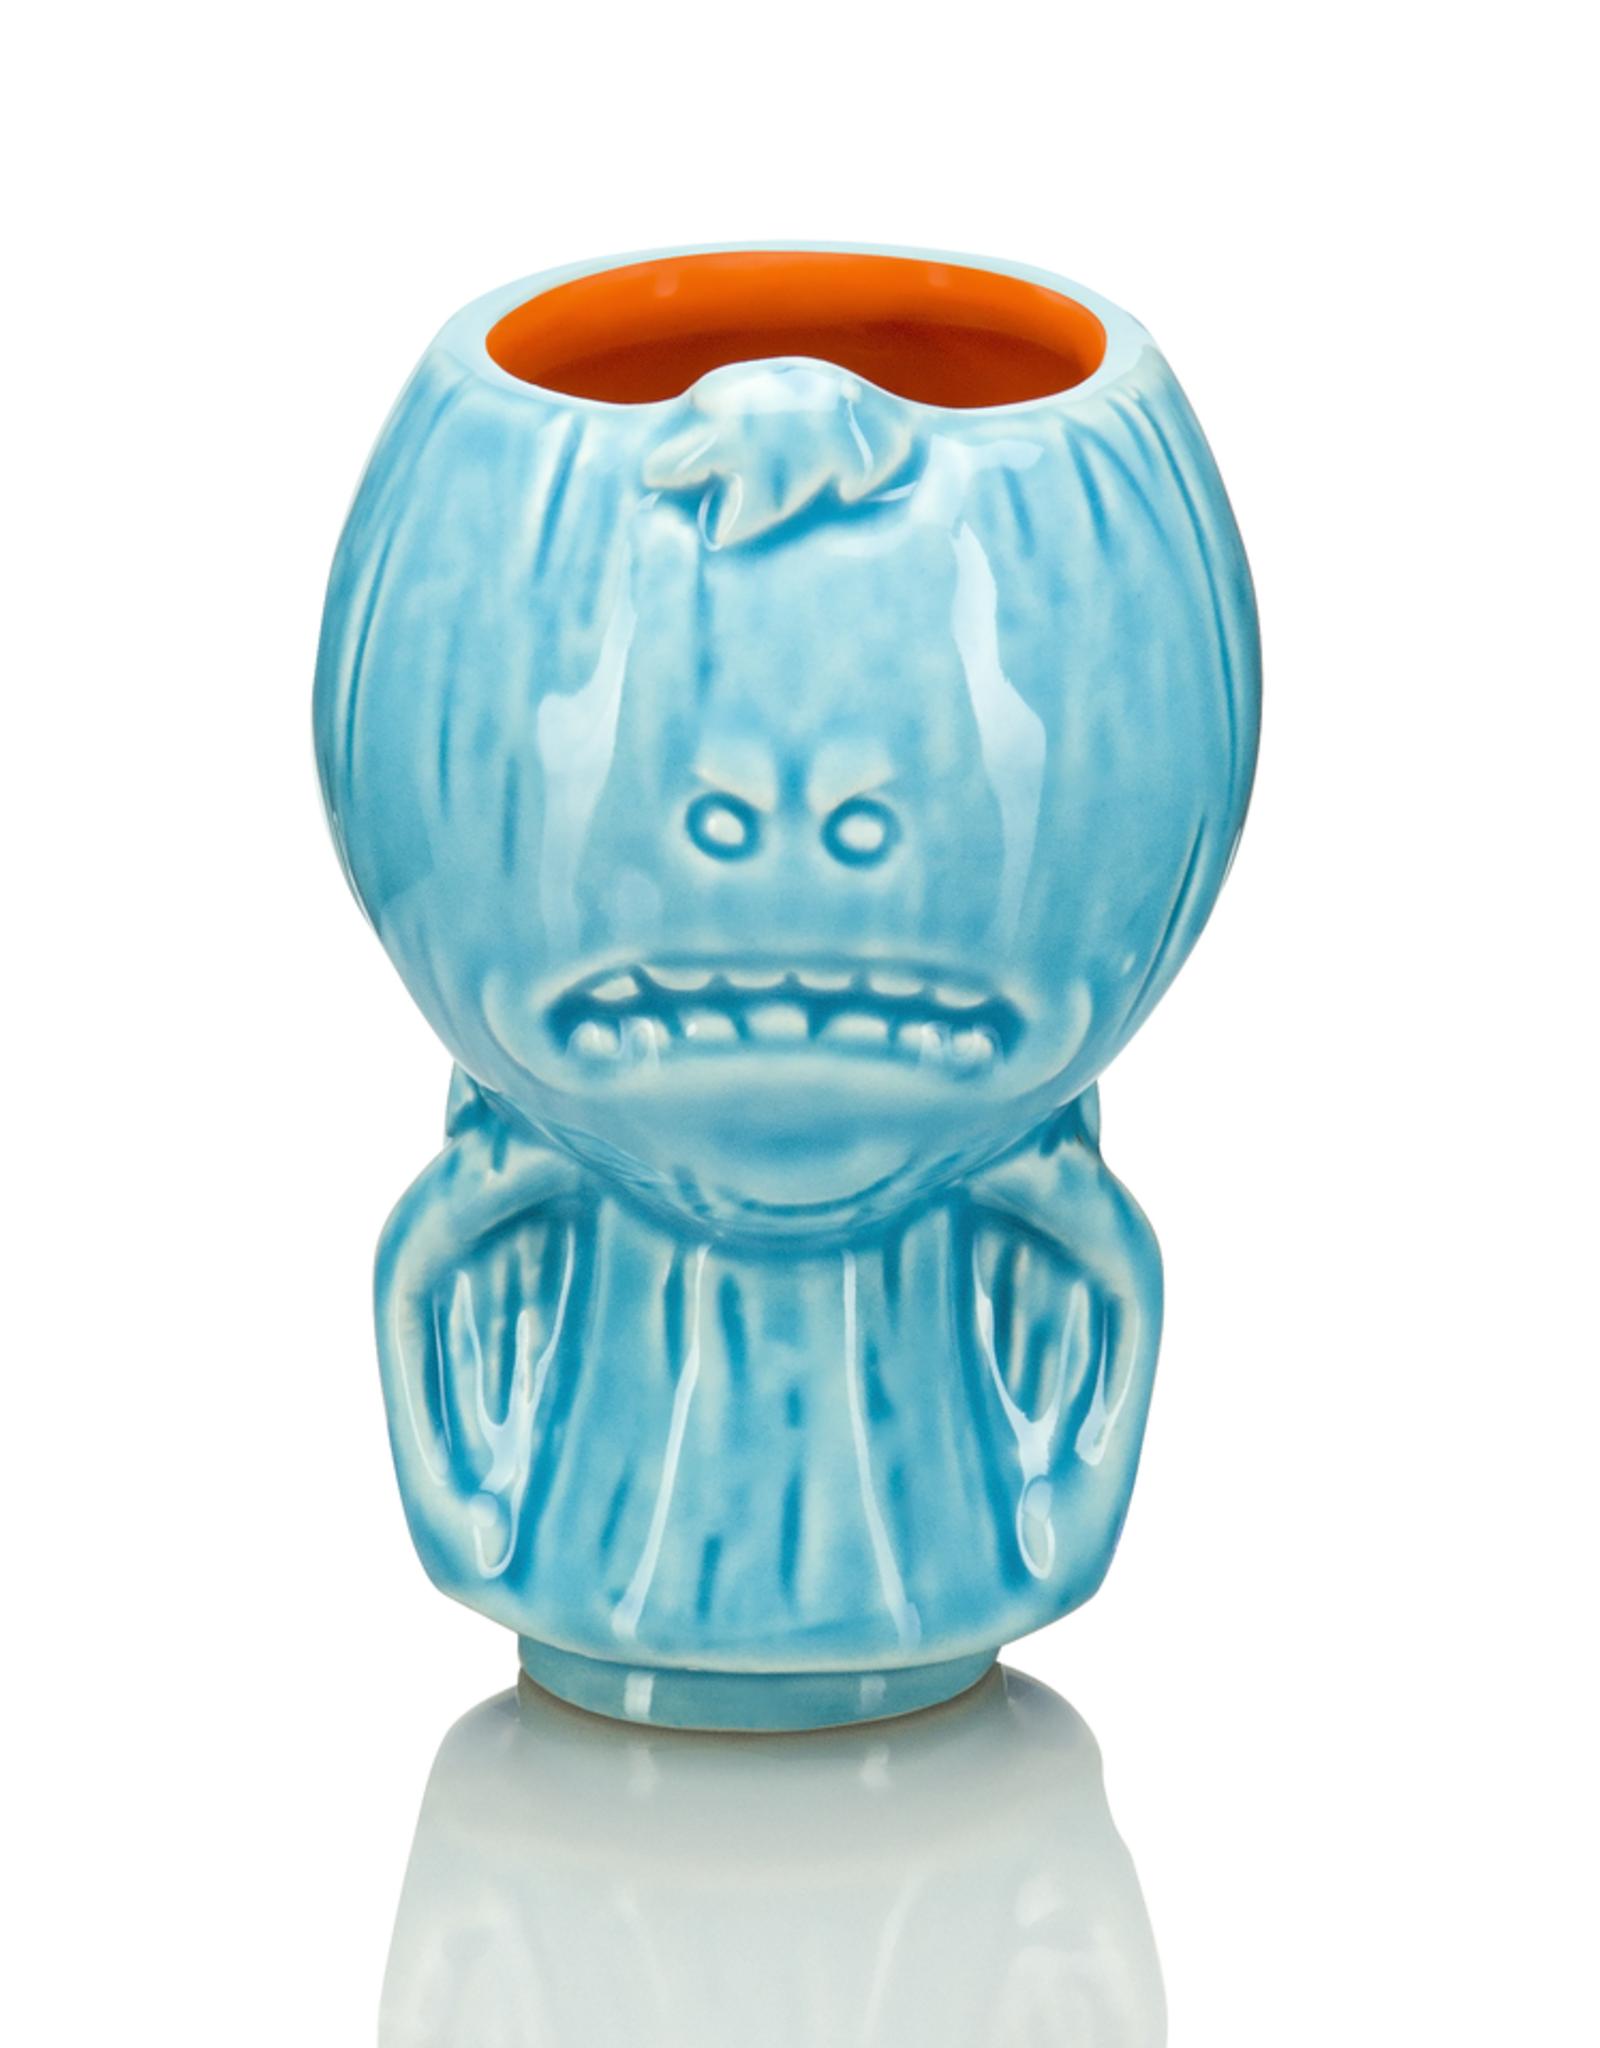 Geeki Tikis - Mr. Meeseeks Mini Muglet